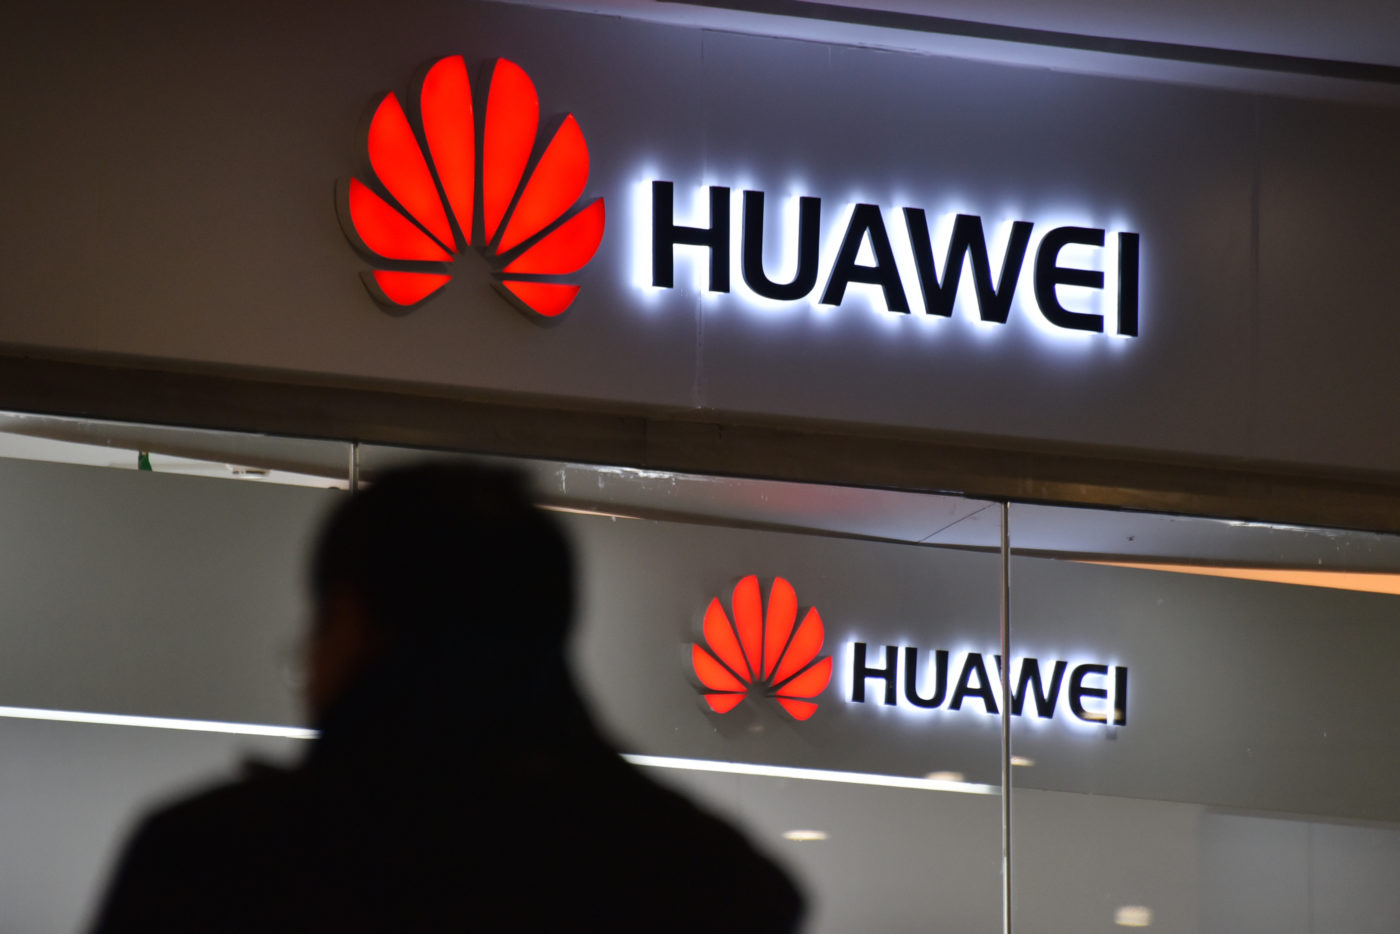 Huawei, el celular low cost al centro de la guerra comercial entre China y EE.UU.